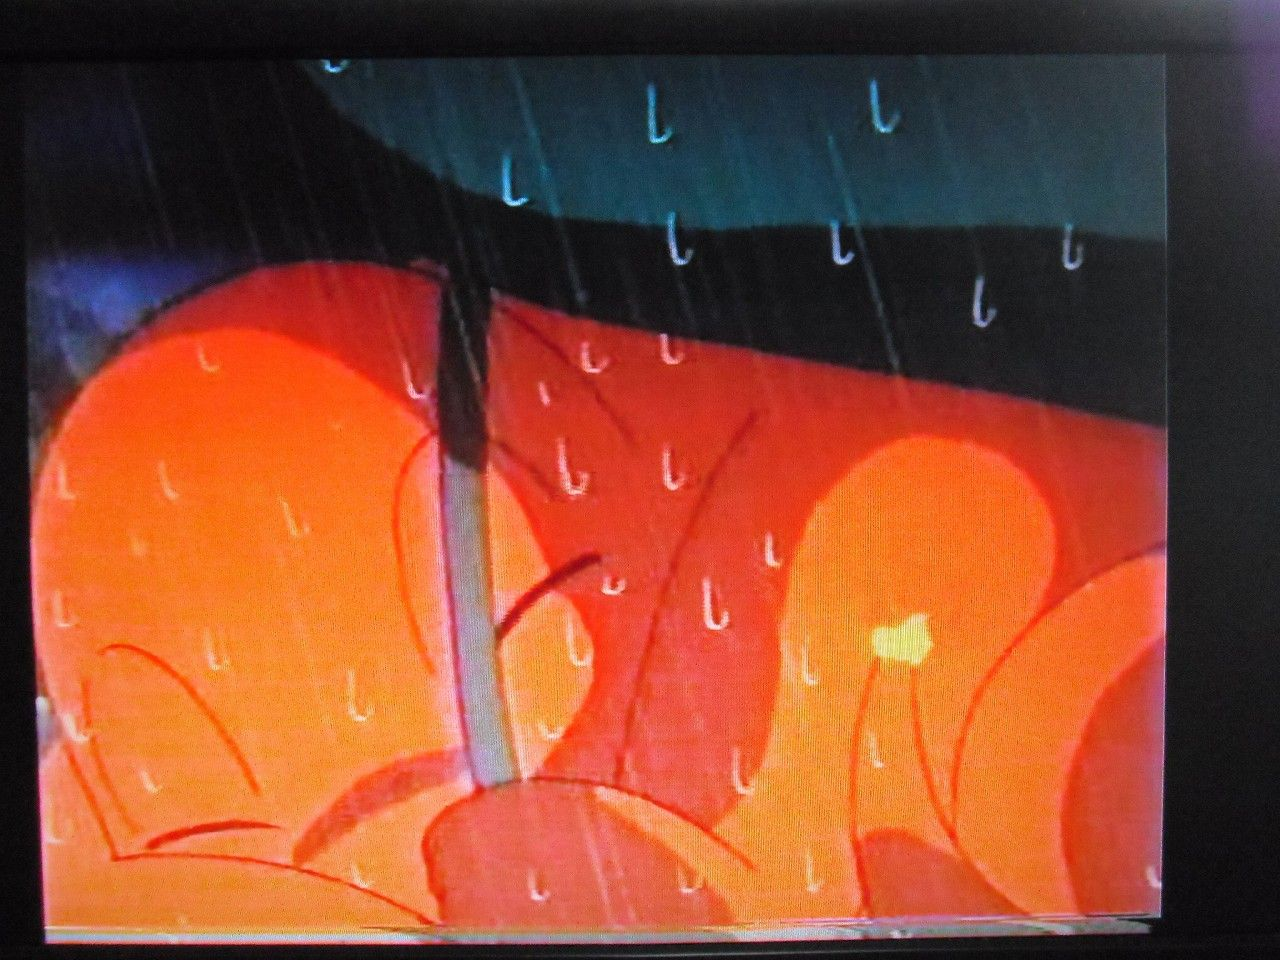 ポケモンアニメ.動画集】ネットで話題な感動・面白い・歴史を変えた物語